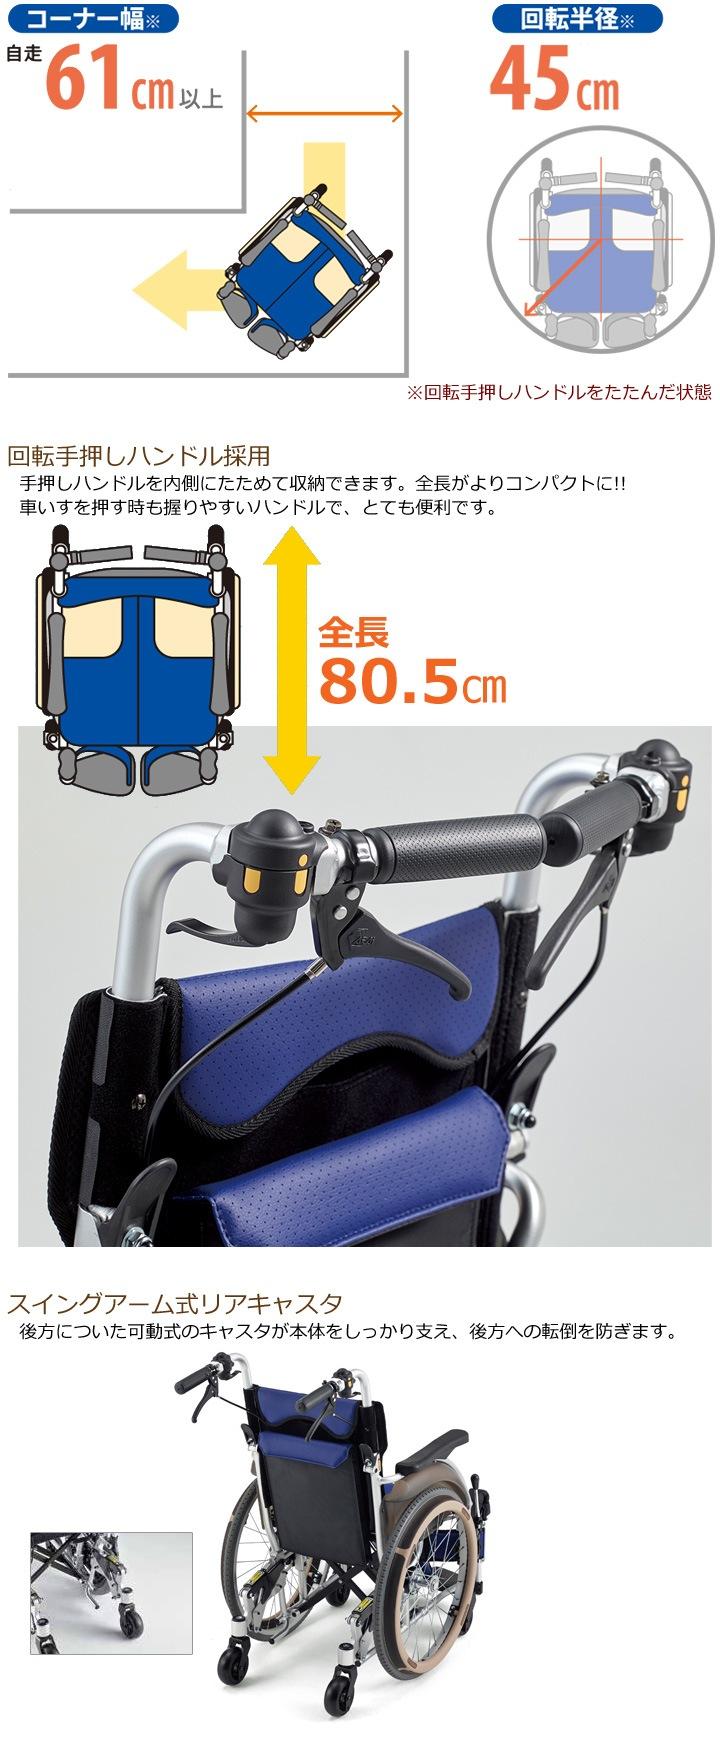 回転手押しハンドル採用。手押しハンドルを内側にたためて収納できます。全長がよりコンパクトに!!   車いすを押す時も握りやすいハンドルで、とても便利です。